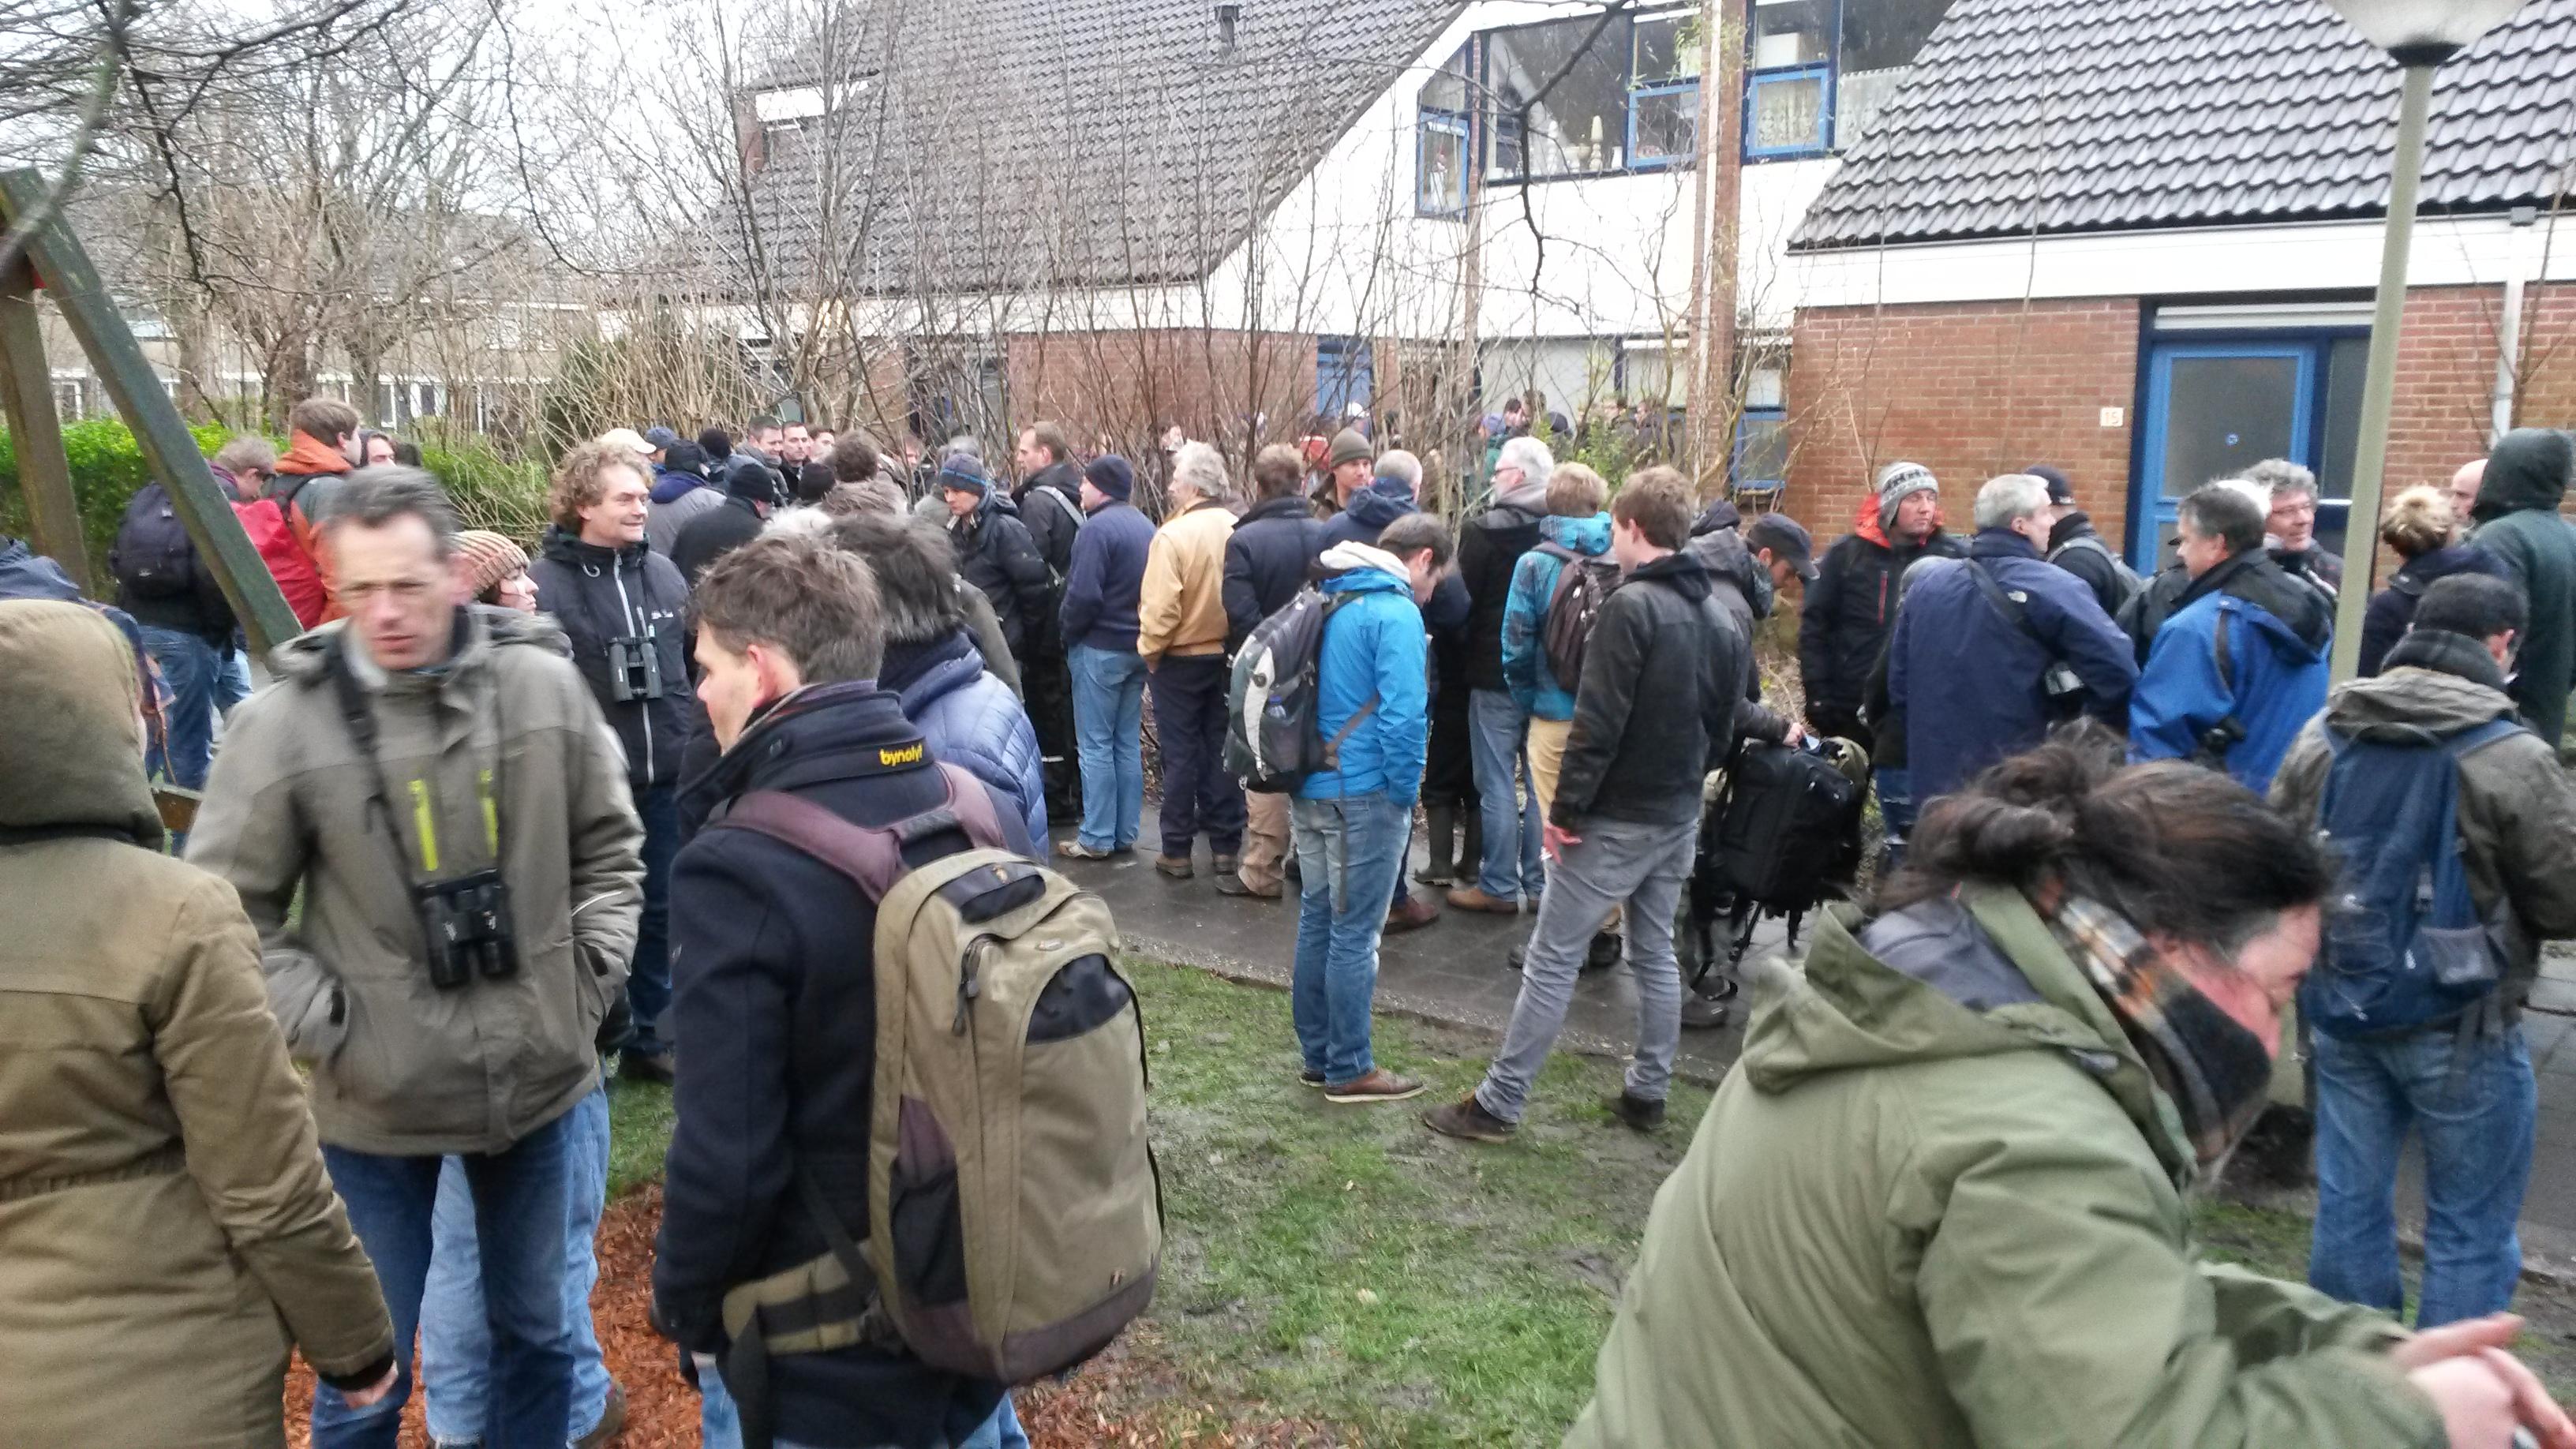 De menigte in de rij en daar buiten